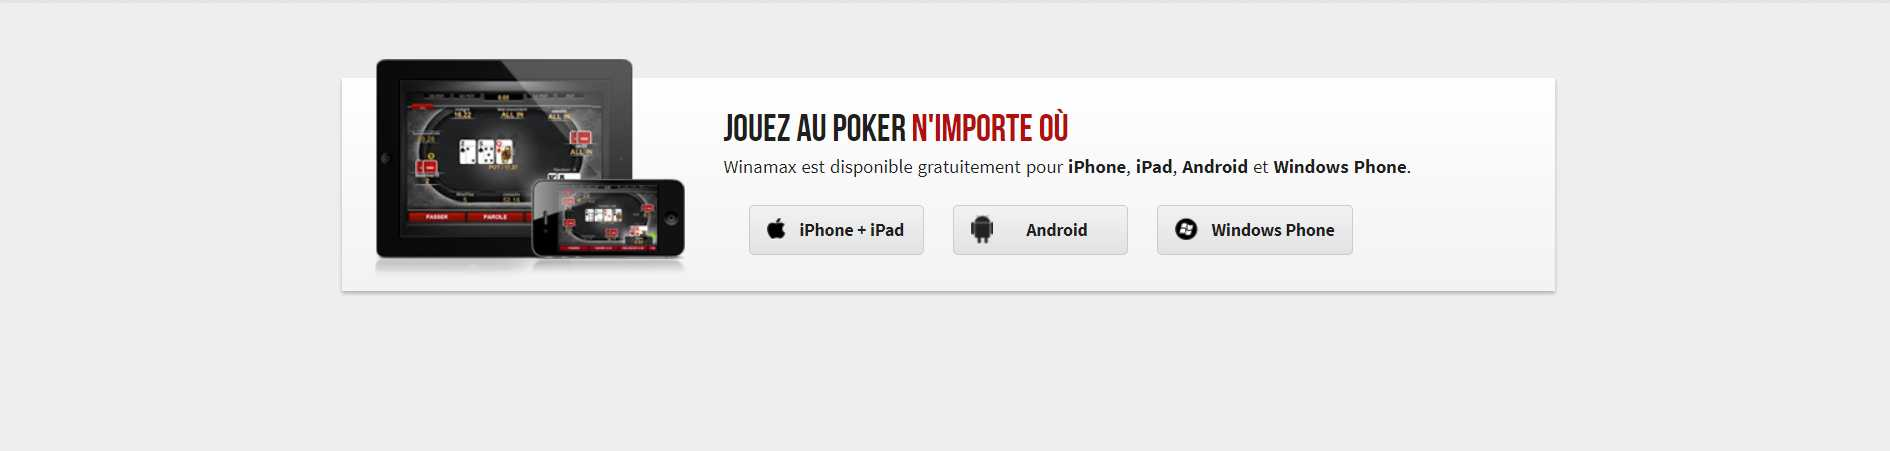 Logiciel Winamax pour jouer au poker